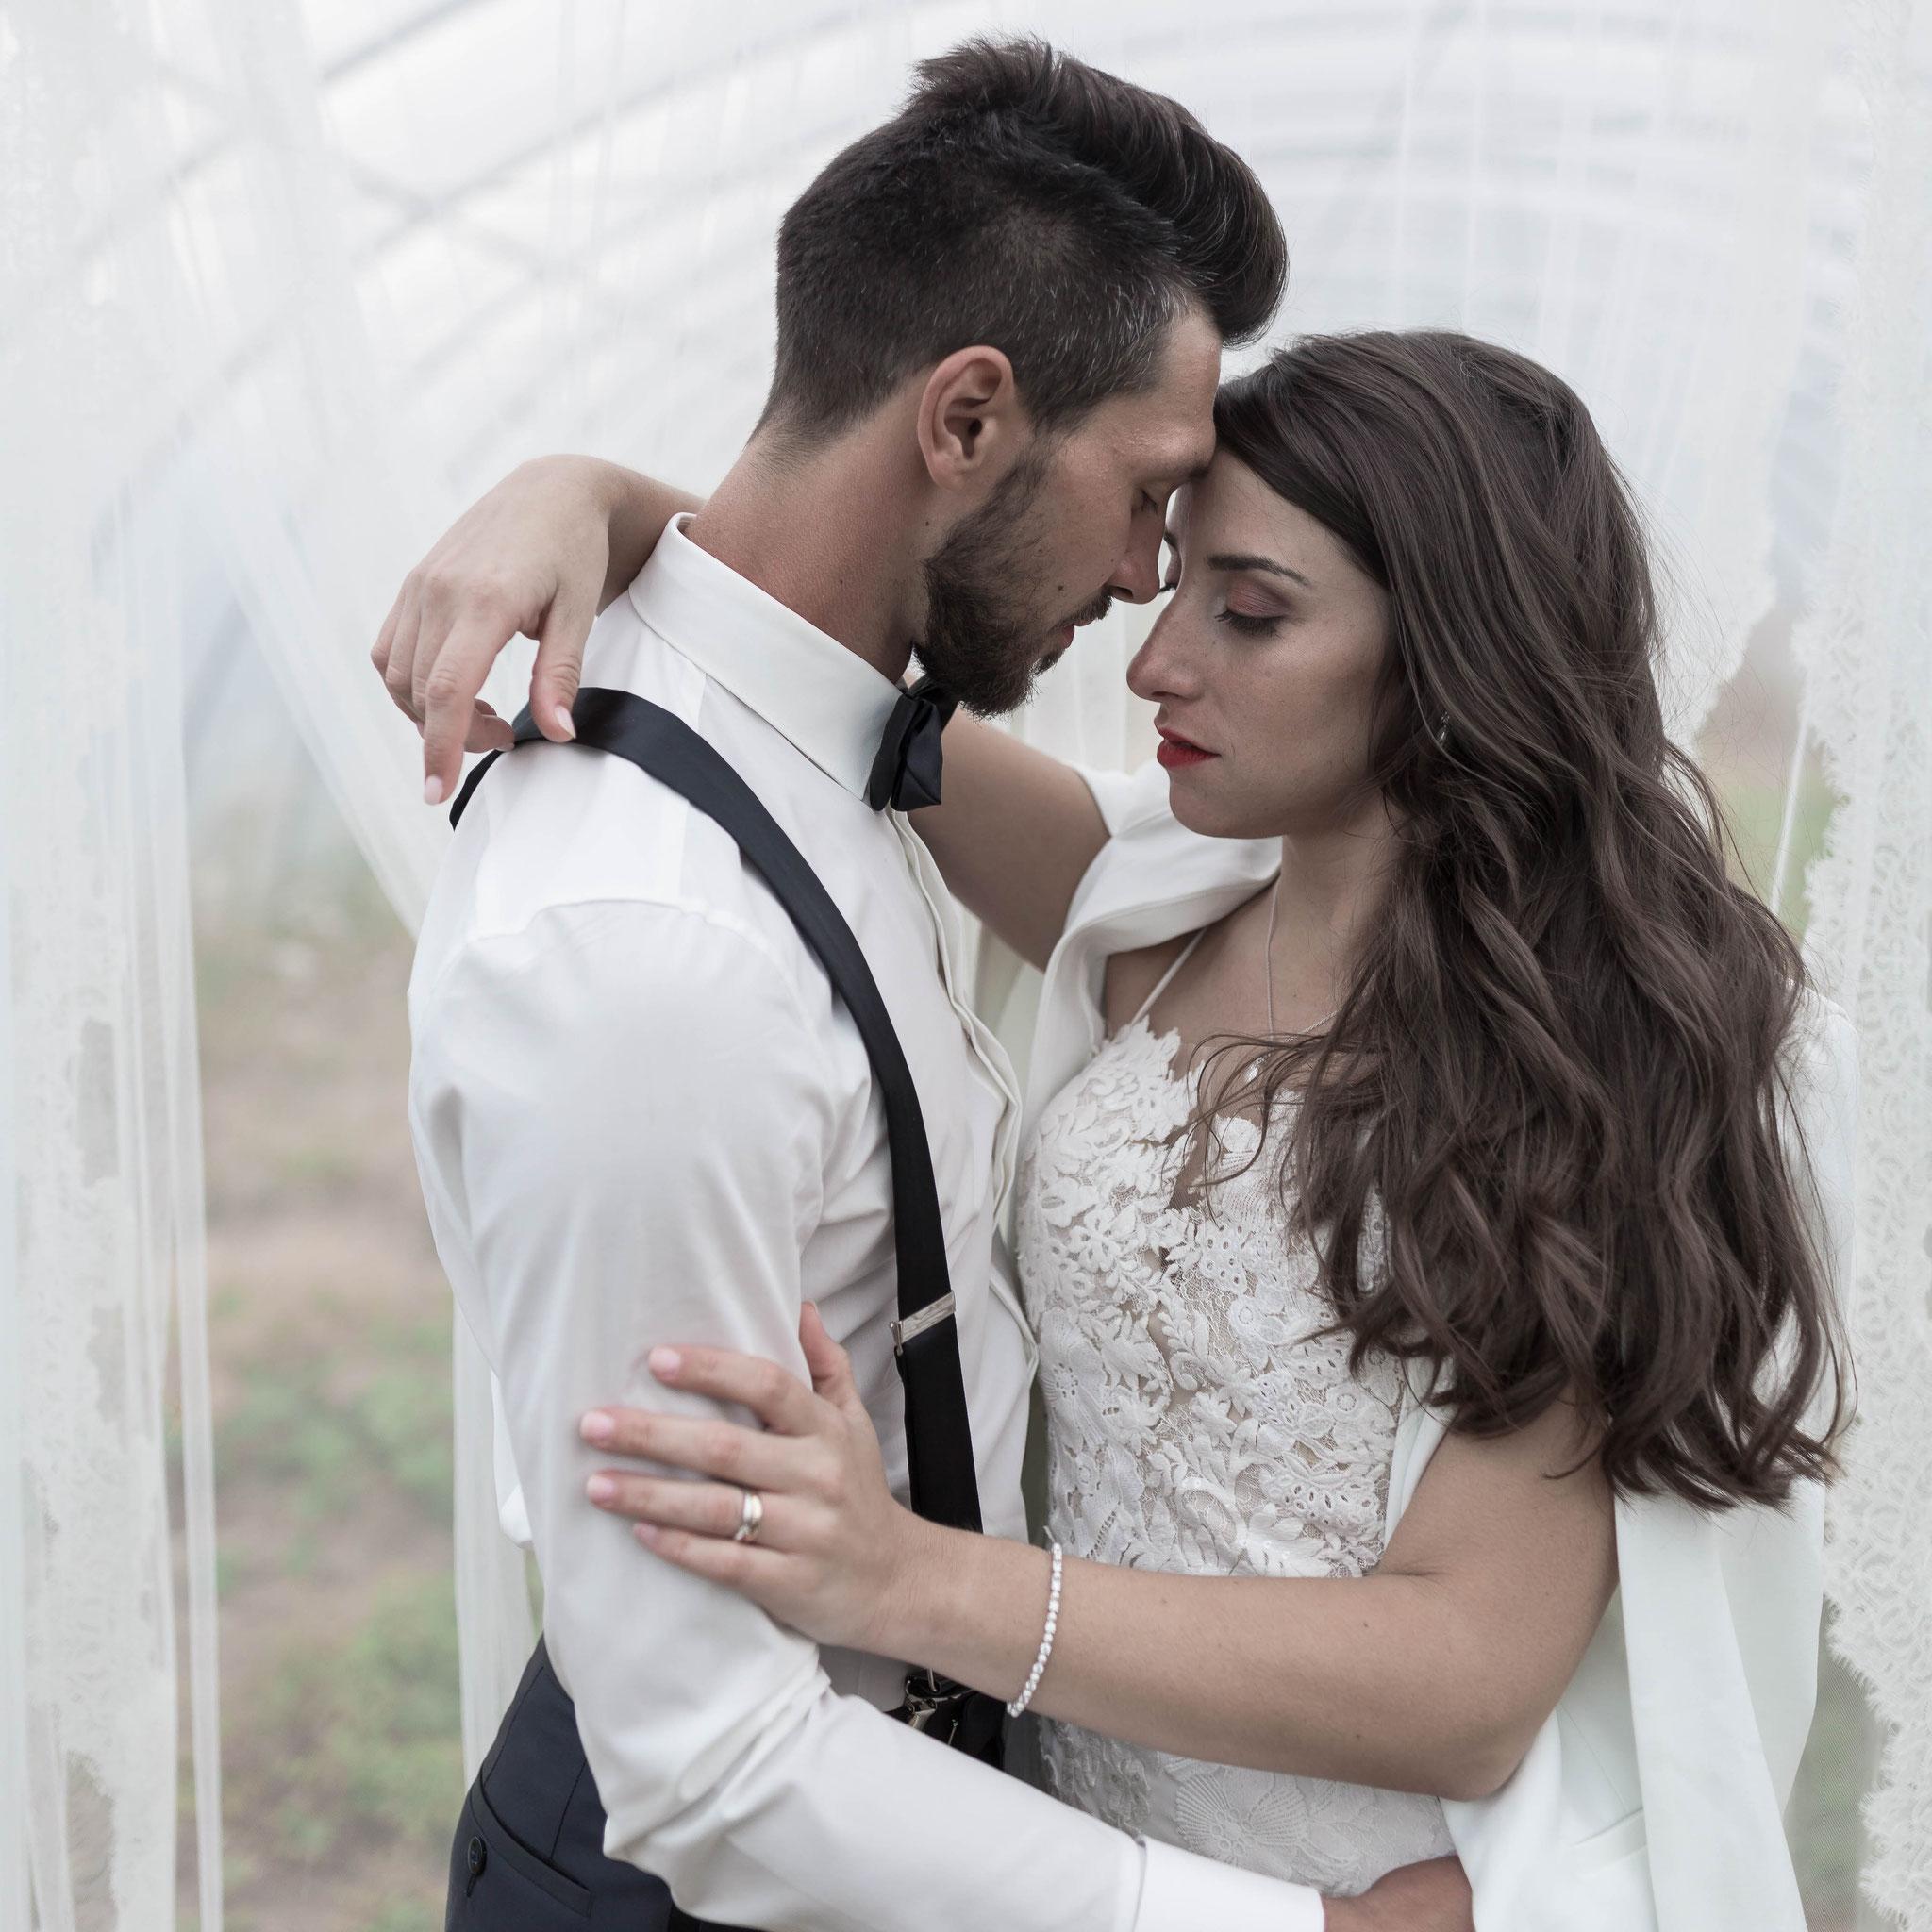 Mein Hochzeitsfotograf in Reiskirchen und Umgebung